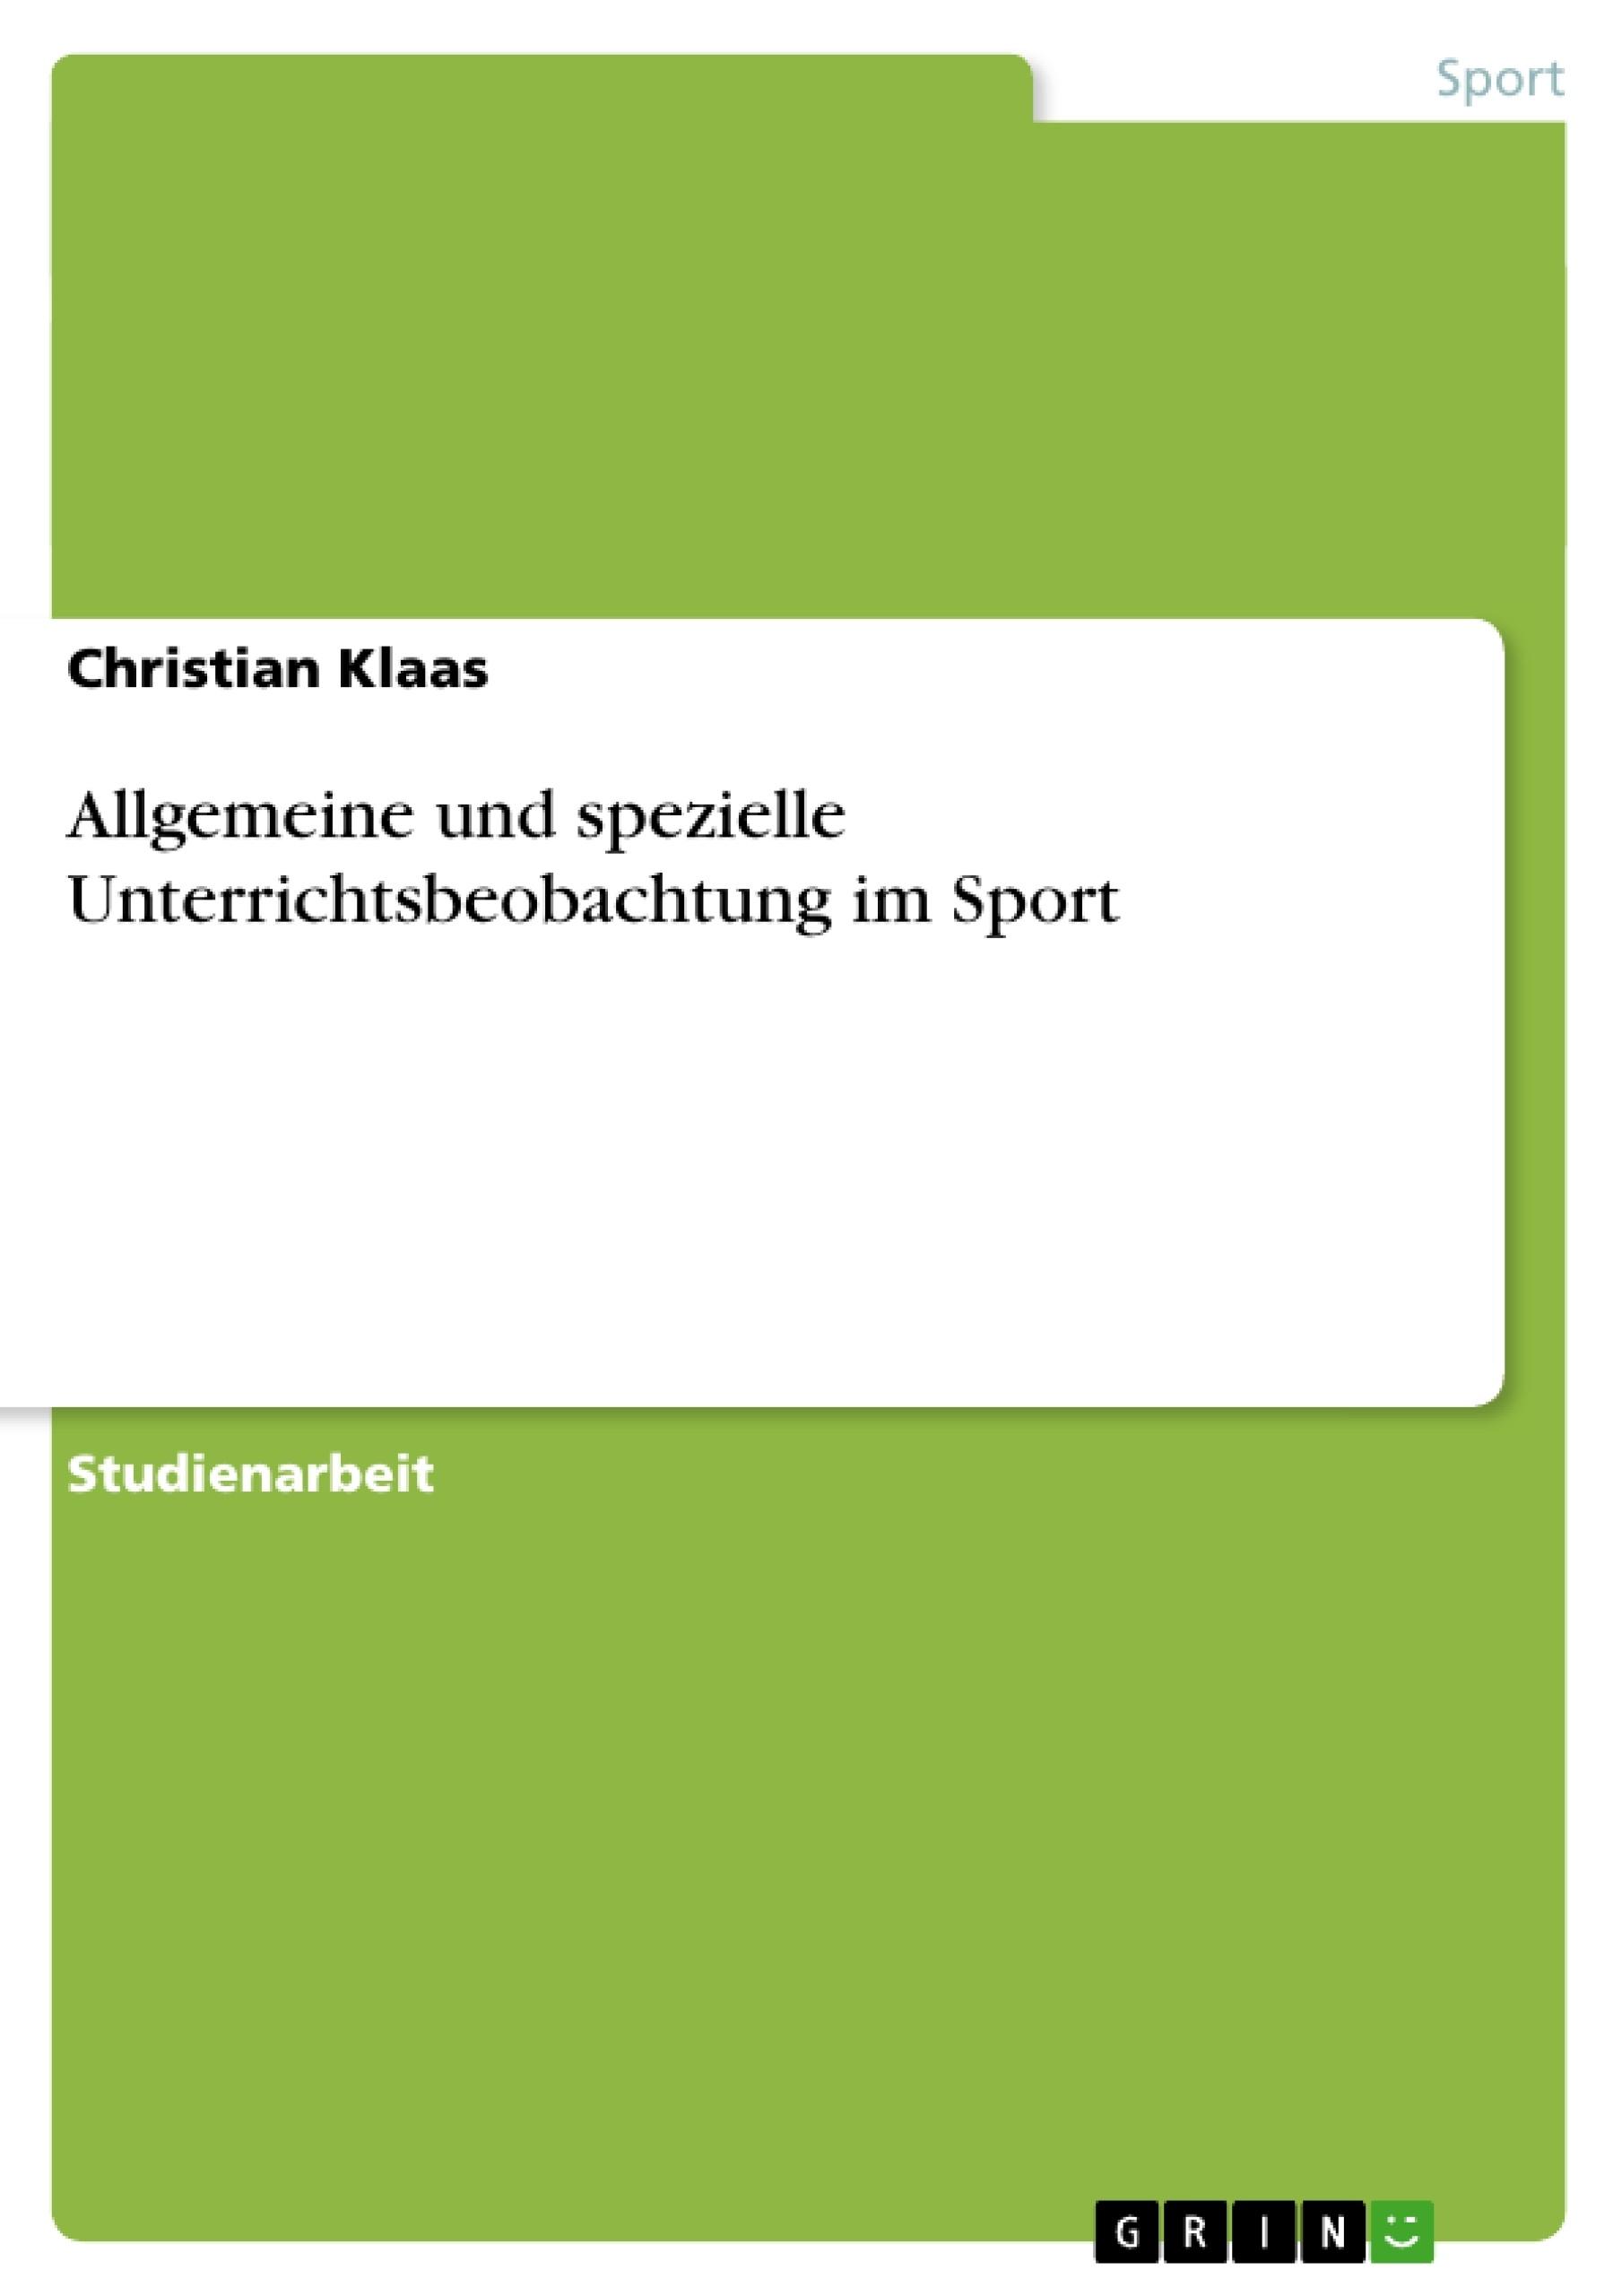 Titel: Allgemeine und spezielle Unterrichtsbeobachtung im Sport